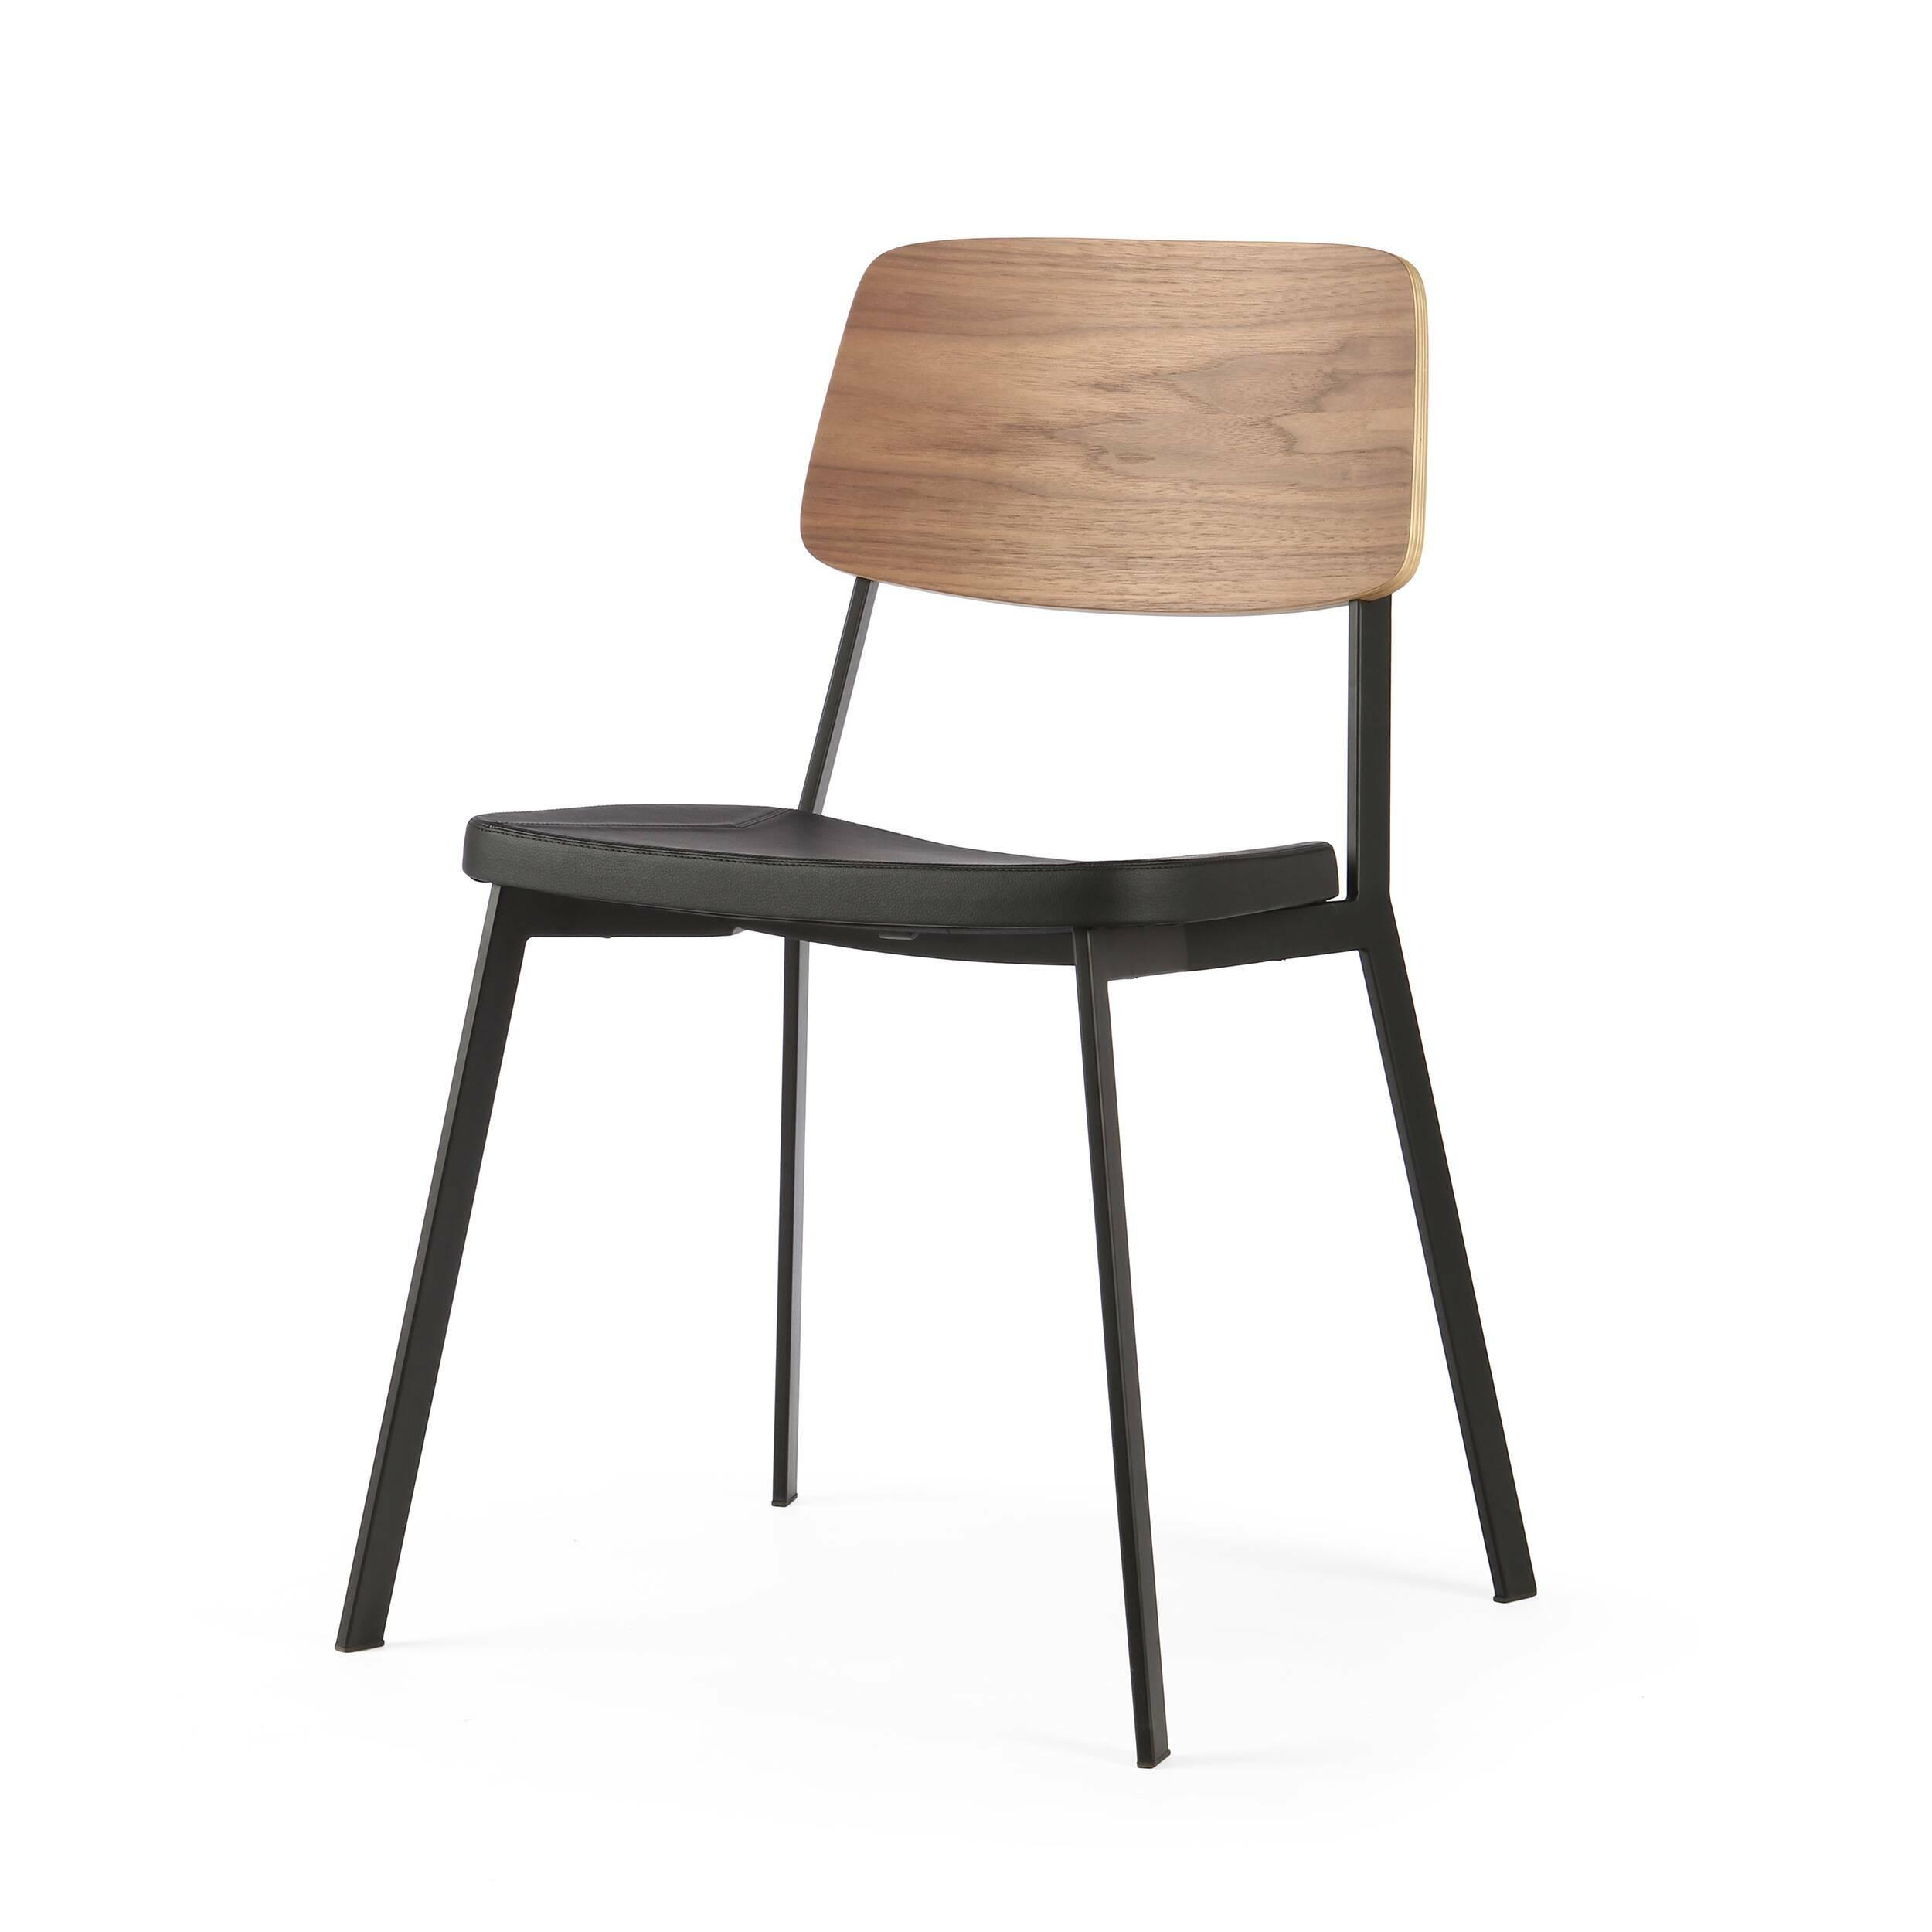 Стул GaugeИнтерьерные<br>Дизайнерский стул Gauge (Гаудж) стандартной формы на металлическом каркасе с деревянной спинкой и мягким сиденьем от Cosmo (Космо).<br><br>     Стильная мебель — это показатель отличного вкуса и любви ко всему прекрасному. Дизайнерский интерьер — это настоящее искусство, которое привносит в нашу жизнь красоту и разнообразит наш быт. Стул Gauge — это замечательное творение западных дизайнеров, которое гармонично сочетает в себе современный стиль и необыкновенное удобство и функциональность. Это из...<br><br>stock: 13<br>Высота: 80<br>Высота сиденья: 45<br>Ширина: 50,5<br>Глубина: 53<br>Цвет спинки: Орех<br>Материал спинки: Фанера, шпон ореха<br>Тип материала каркаса: Сталь<br>Материал сидения: Полиуретан<br>Цвет сидения: Черный<br>Тип материала спинки: Дерево<br>Тип материала сидения: Кожа искусственная<br>Коллекция ткани: Premium Grade PU<br>Цвет каркаса: Черный